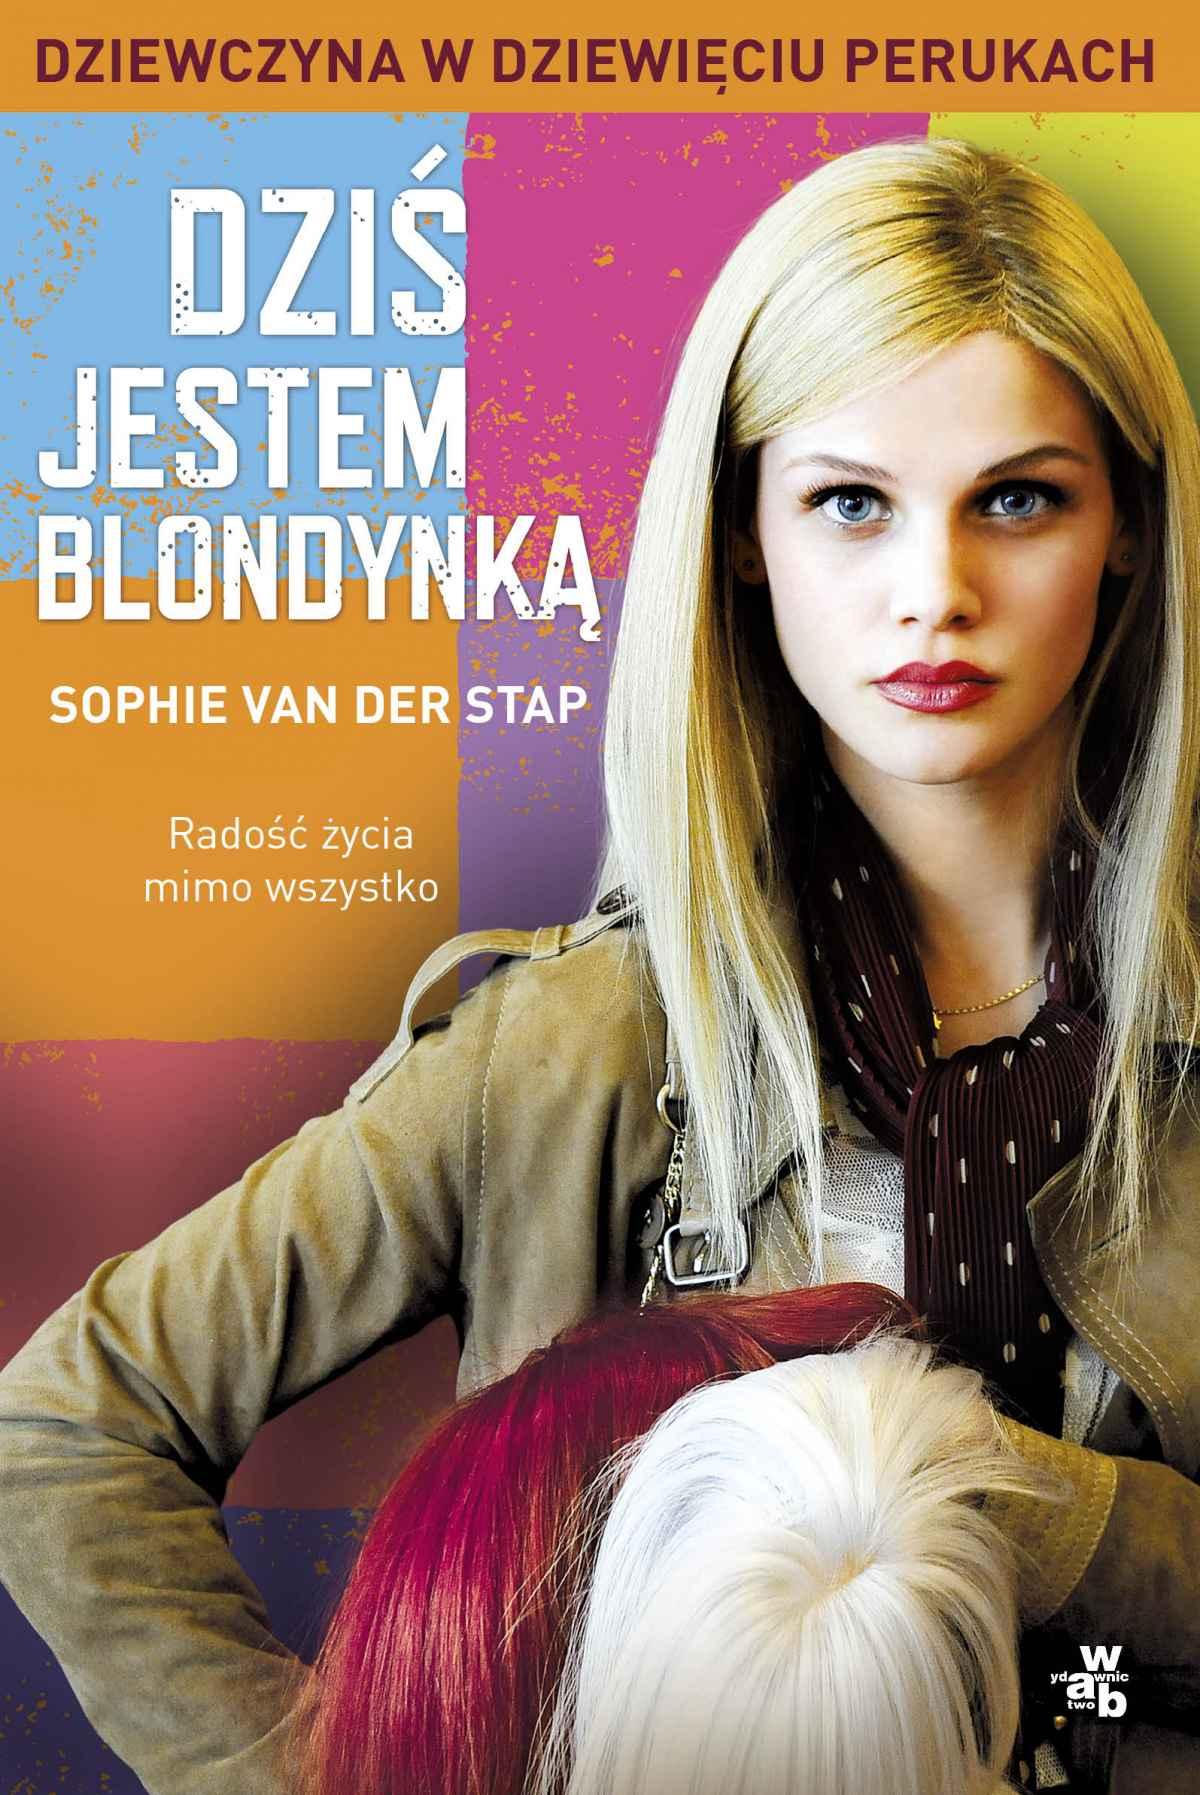 Dziś jestem blondynką. Dziewczyna w dziewięciu perukach - Ebook (Książka EPUB) do pobrania w formacie EPUB